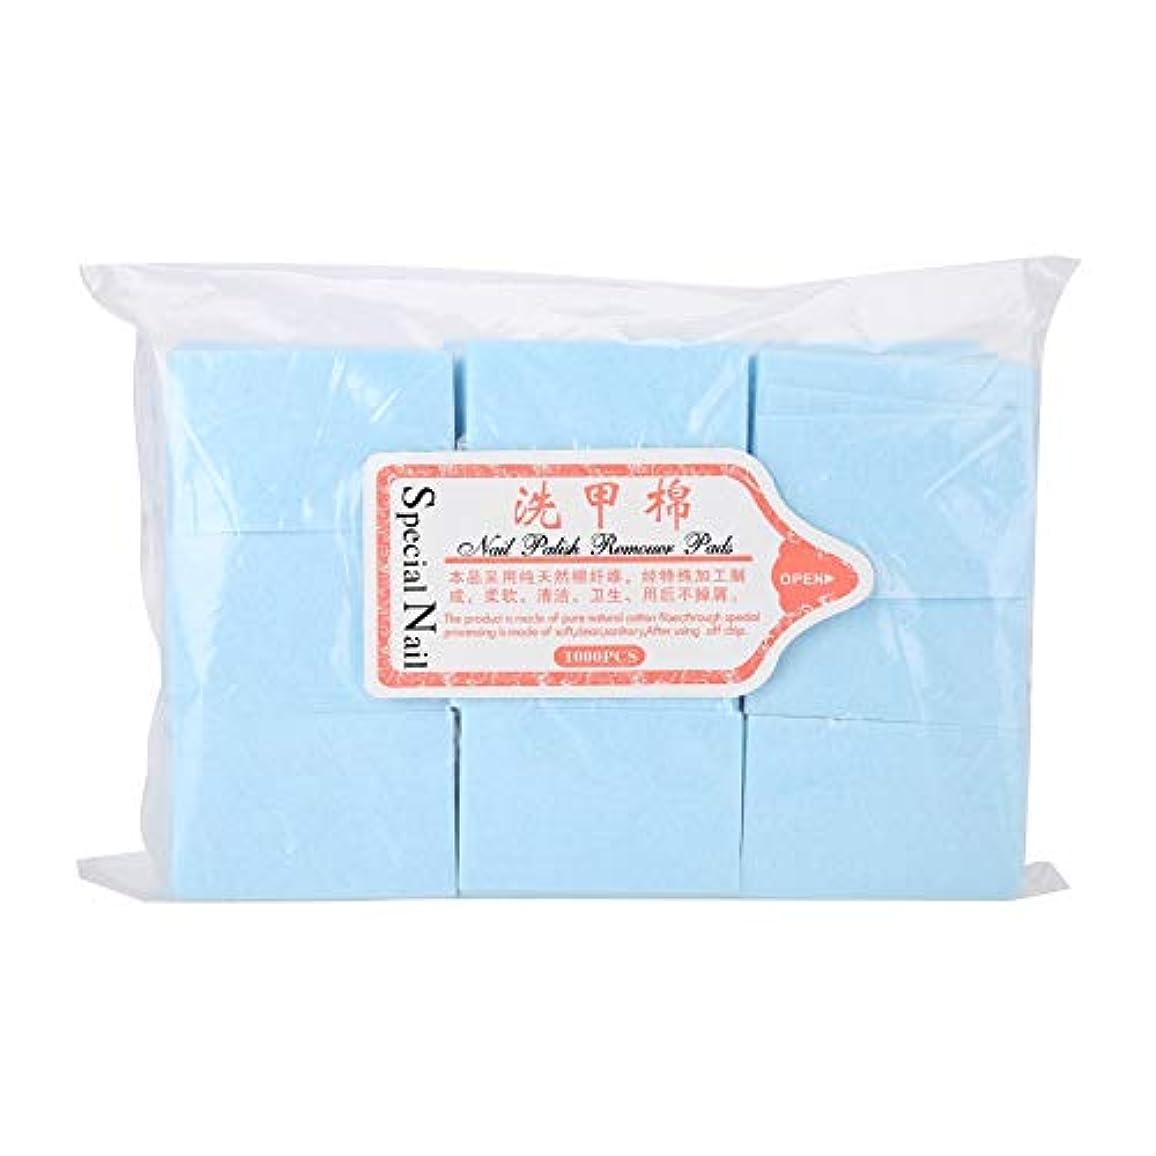 姓認める織機ジェルオフリムーバー 630個コットンパッド 使い捨ておよびハードネイルポリッシュリムーバーワイプ メイクアップクリーナーコットンワイプ(ブルー)